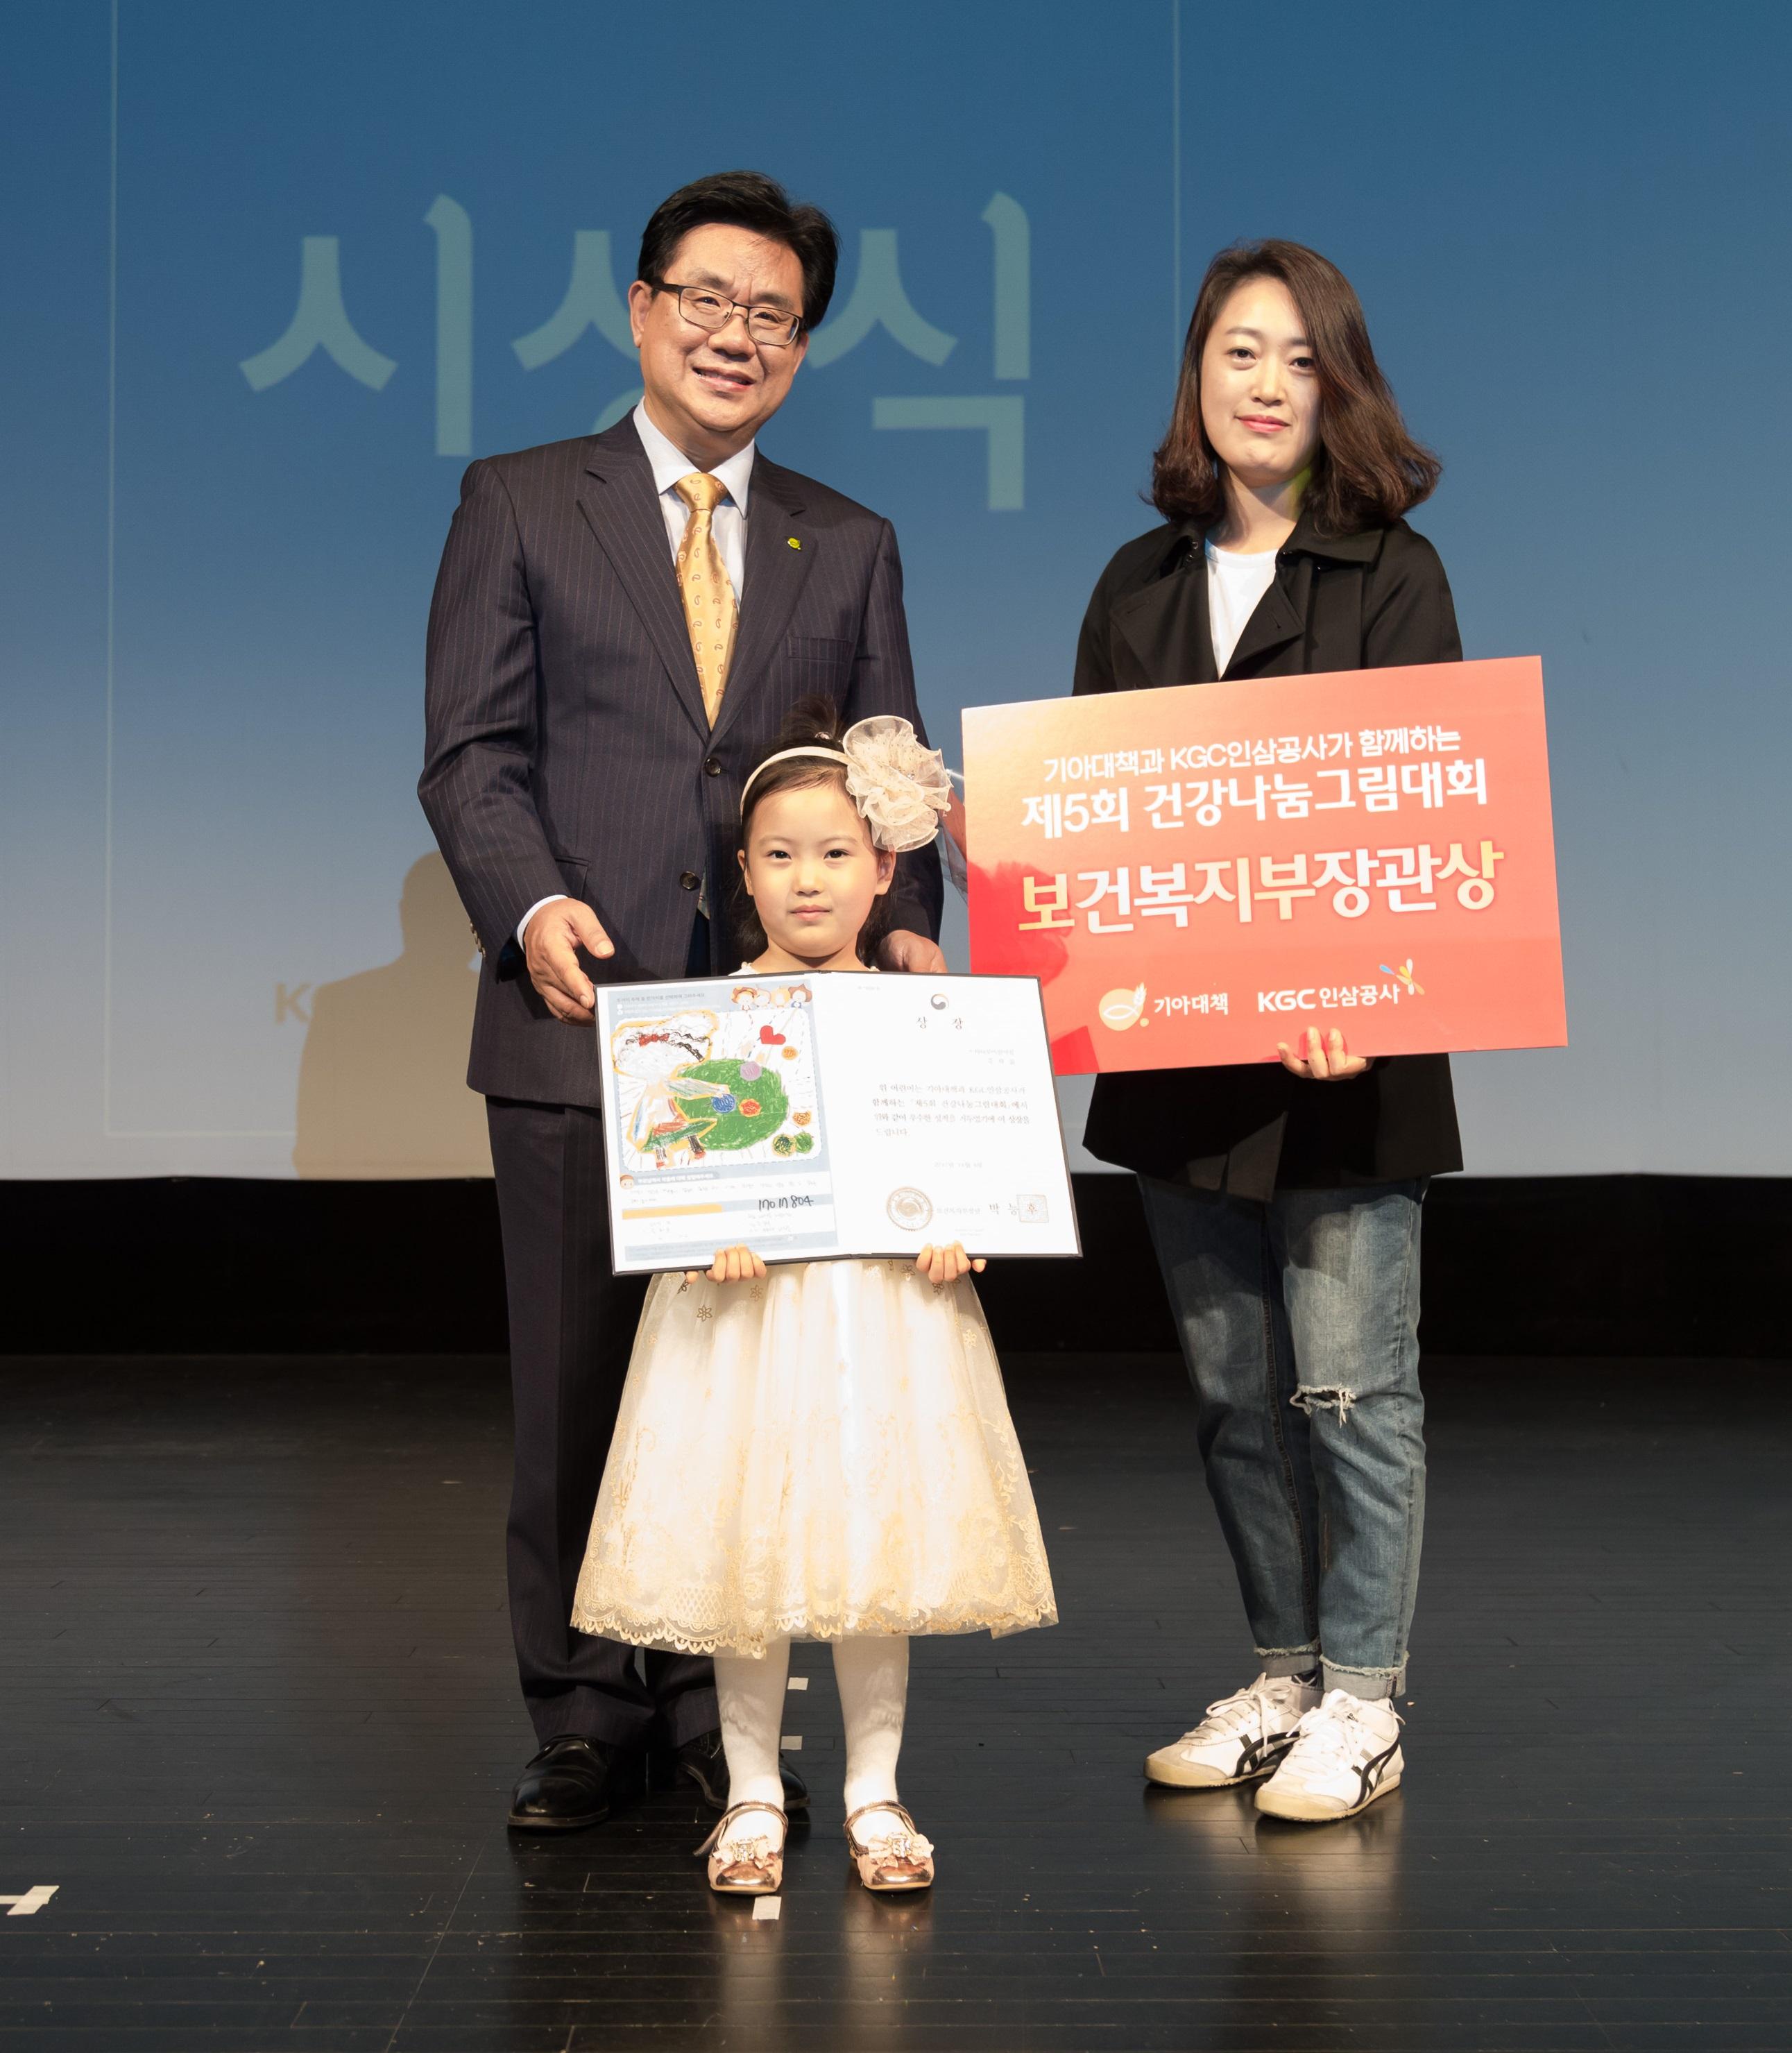 ▲ 사진, 주하윤 양이 보건복지부 장관상을 수상하고 기념촬영하는 모습